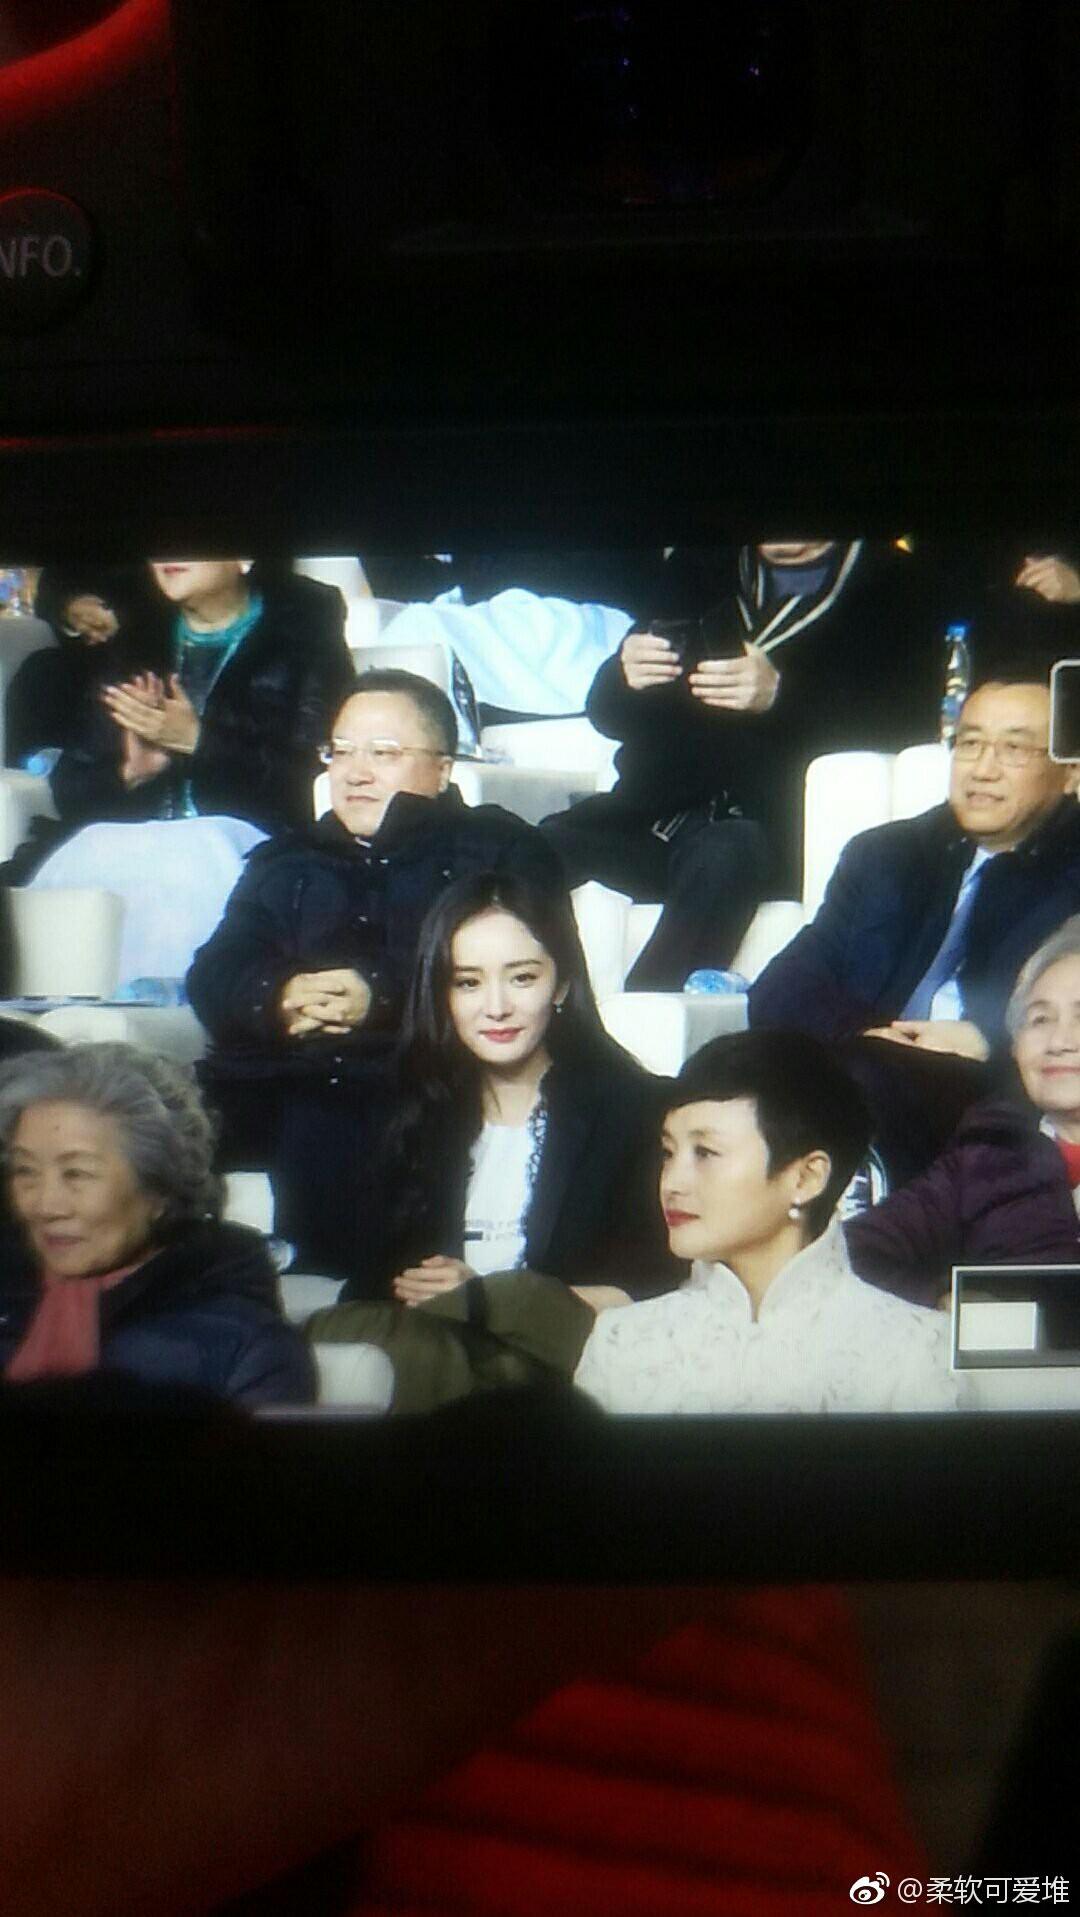 Chính thức dự sự kiện hậu ly hôn Lưu Khải Uy, Dương Mịch đẹp xuất sắc với thần thái sang chảnh - Ảnh 11.